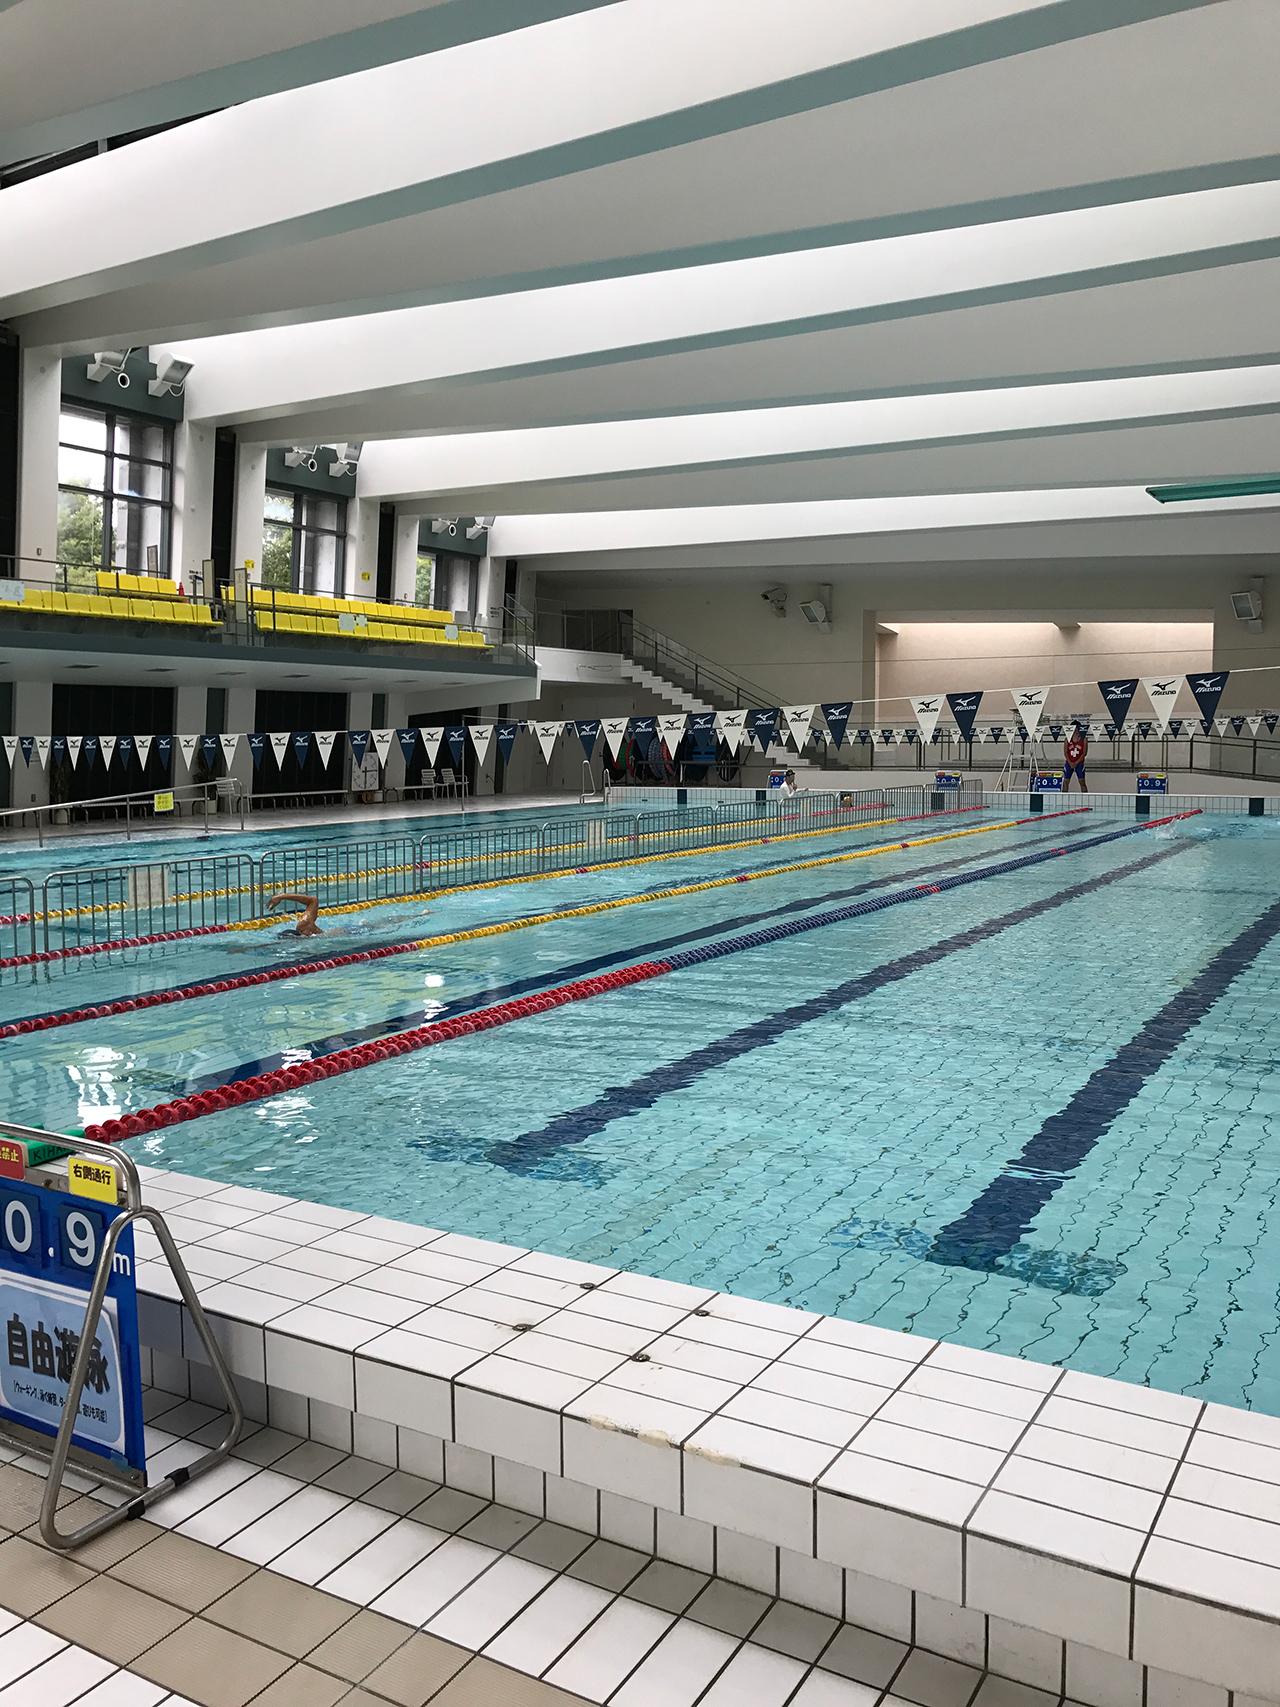 子供は雨の日だってプールに入りたい! そんな時は年中楽しめる屋内プール「京都アクアリーナ」がオススメ!